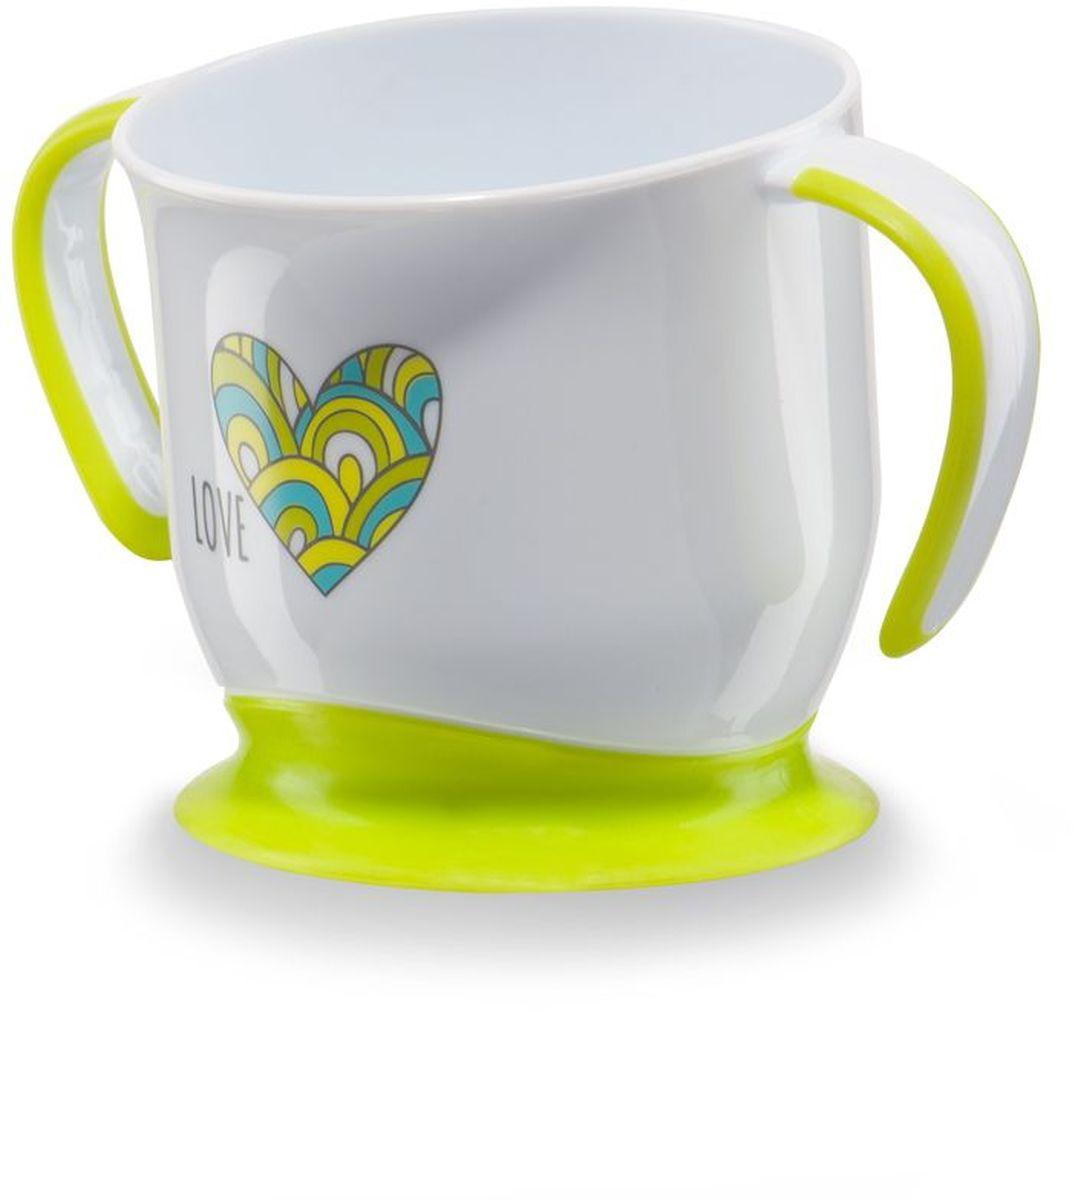 Happy Baby Кружка на присоске цвет белый салатовый15022Кружка на присоске Happy Baby - эргономичная форма создана специально для удобства питья, ручки с анитискользящим покрытием, нескользящее дно с присоской.